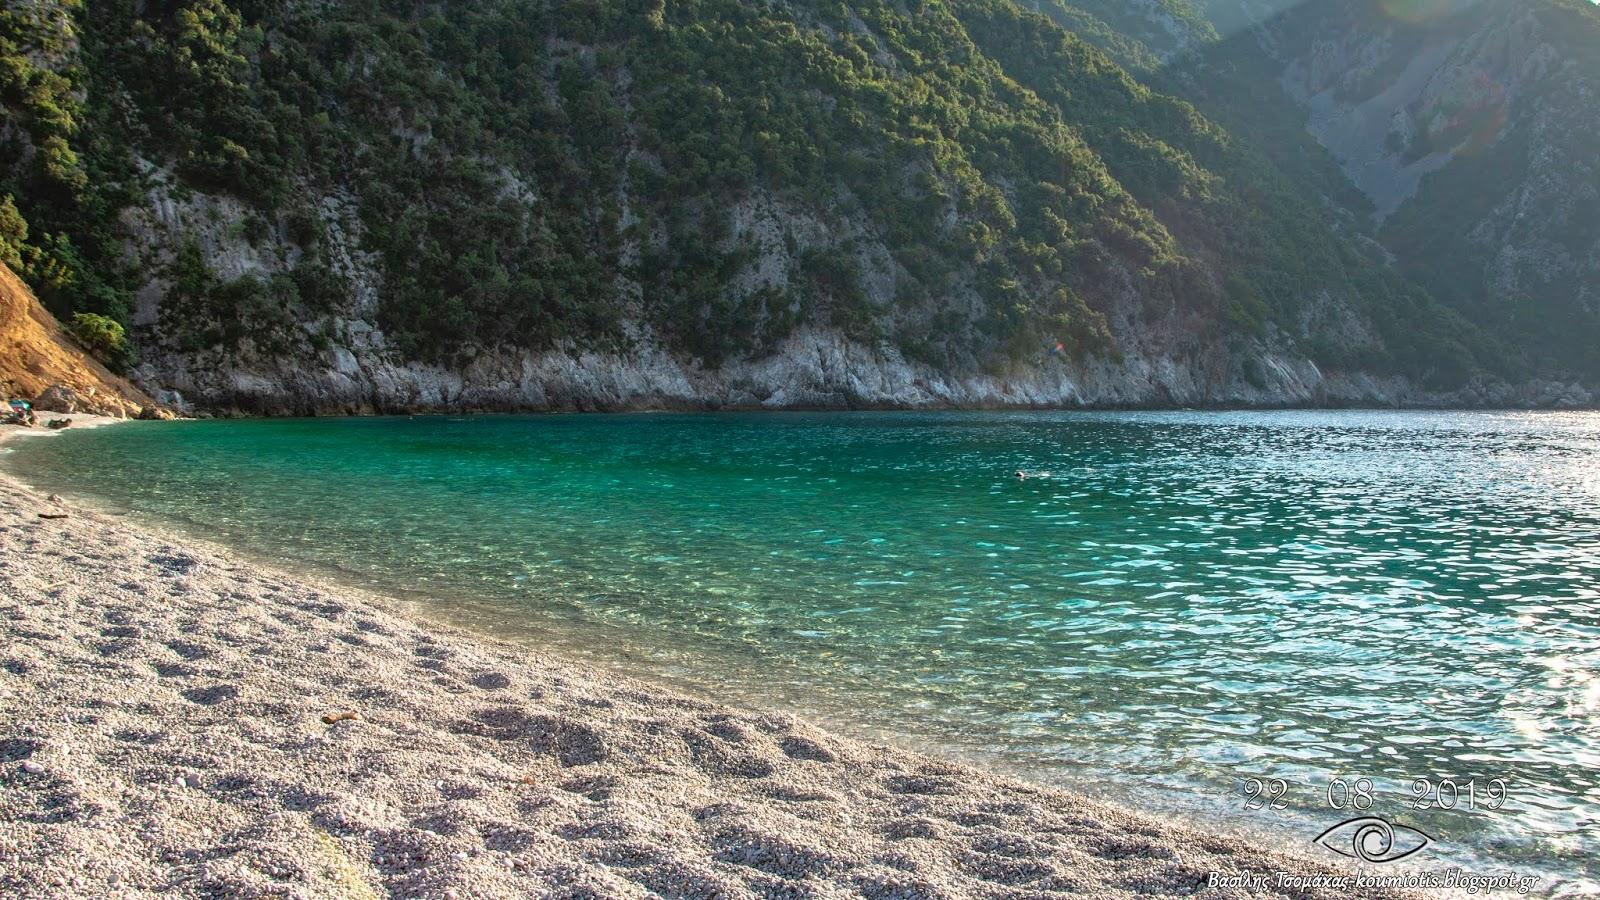 Αυτή είναι η παραδεισένια παραλία Θαψά στην Εύβοια.